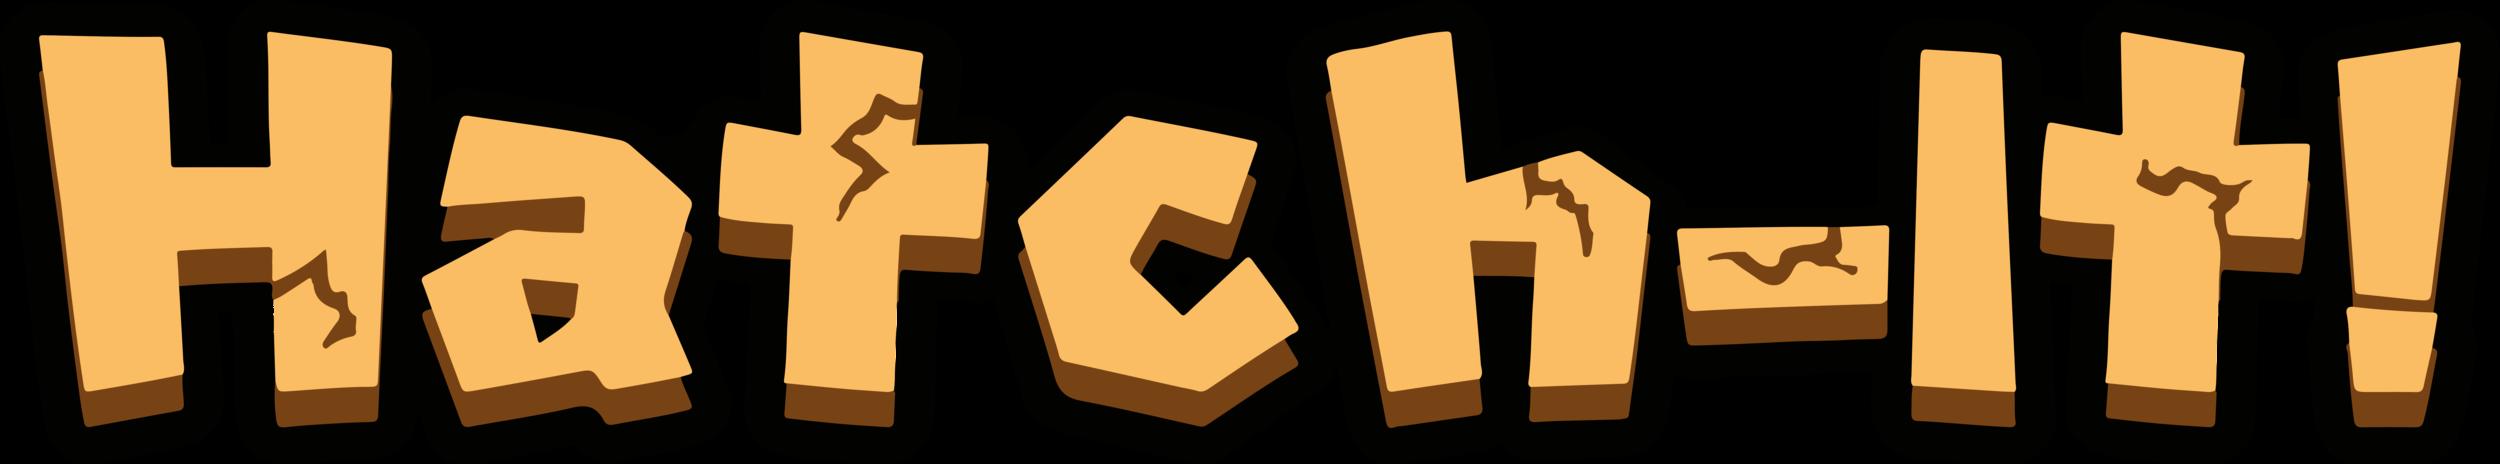 Hatch-It!-Title.png